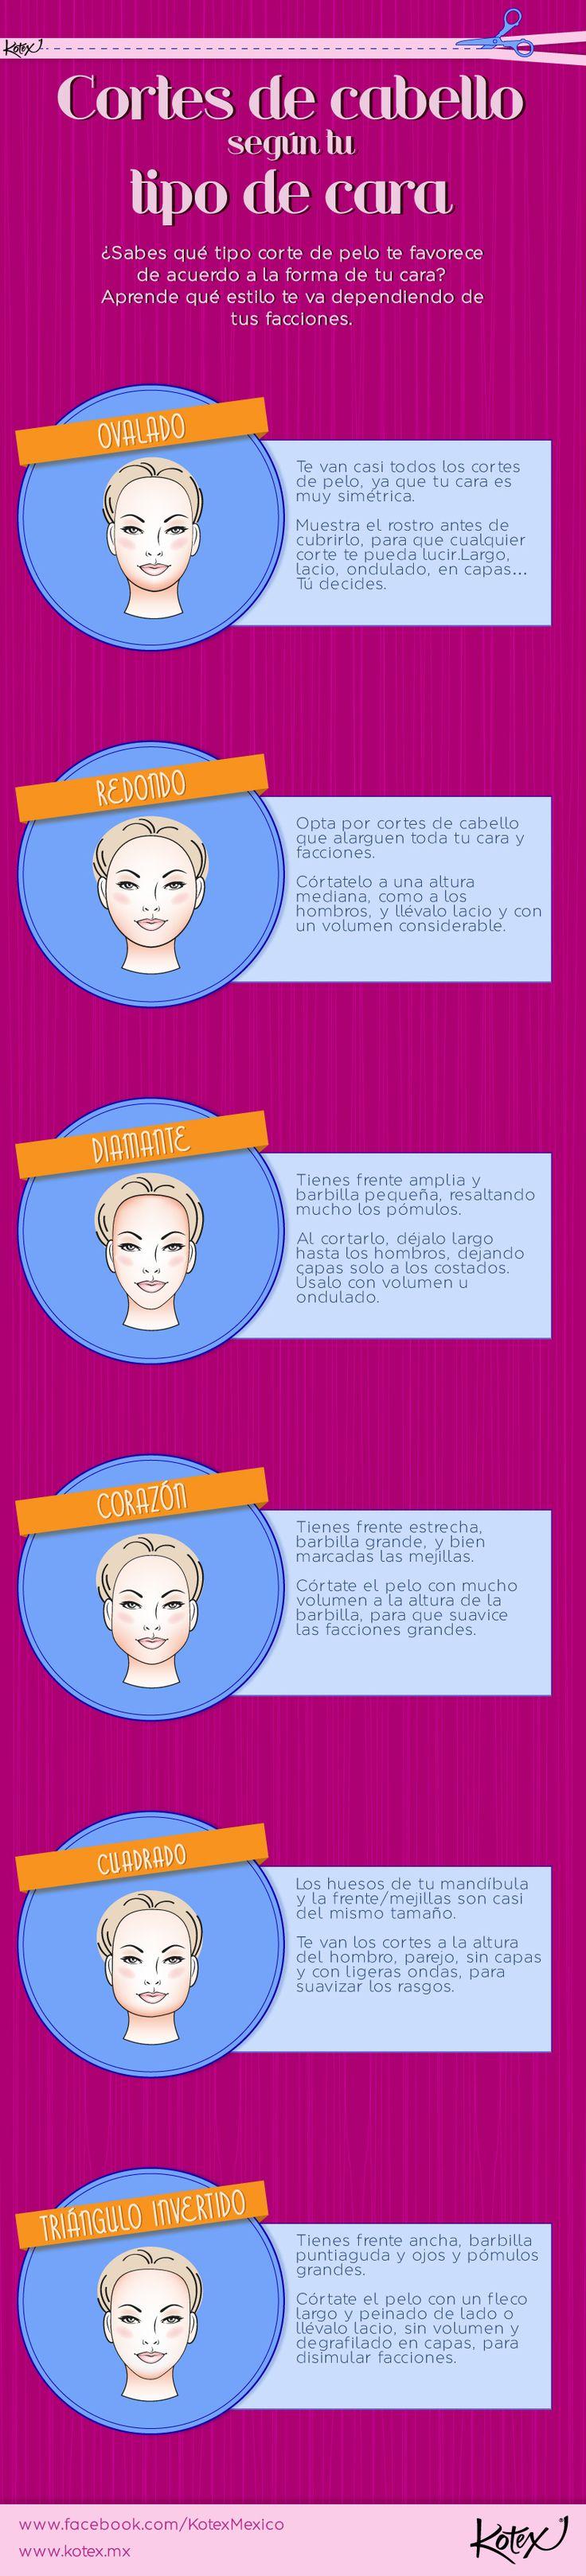 21 Guías visuales que harán que tu cabello se vea sensacional todos los días